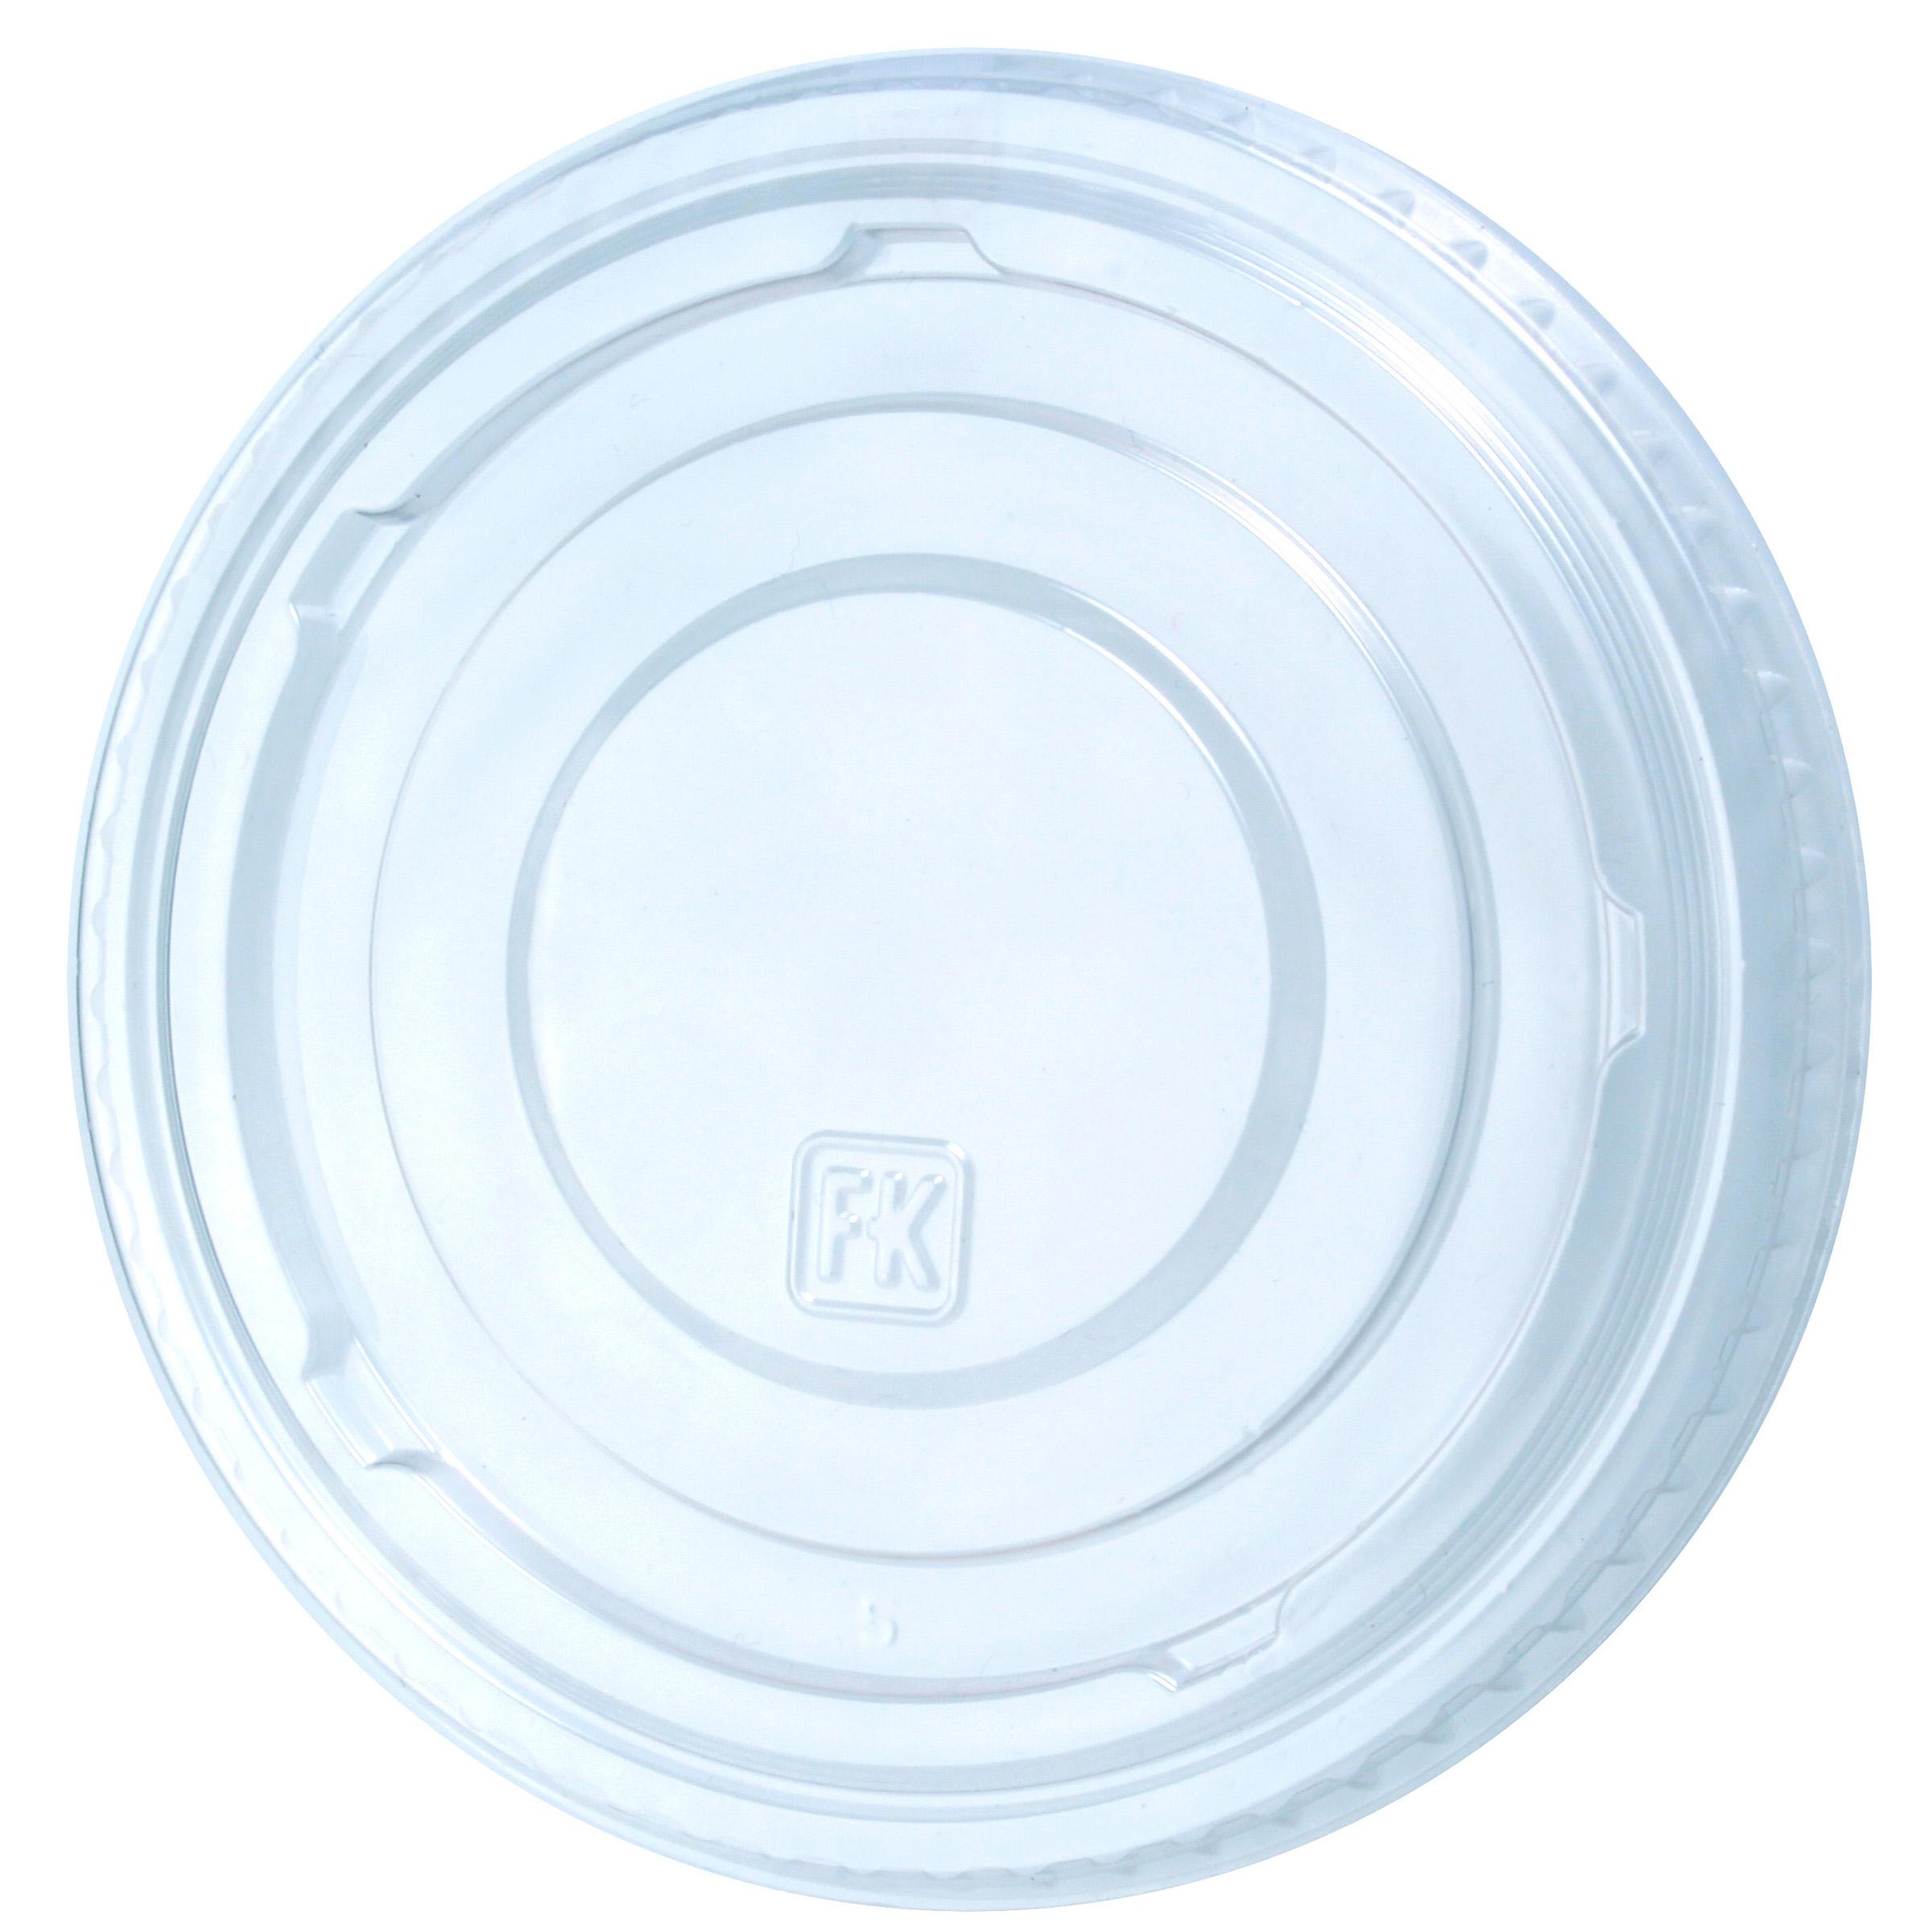 FLAT LID FKAL DH/CUP-LKC16/24F